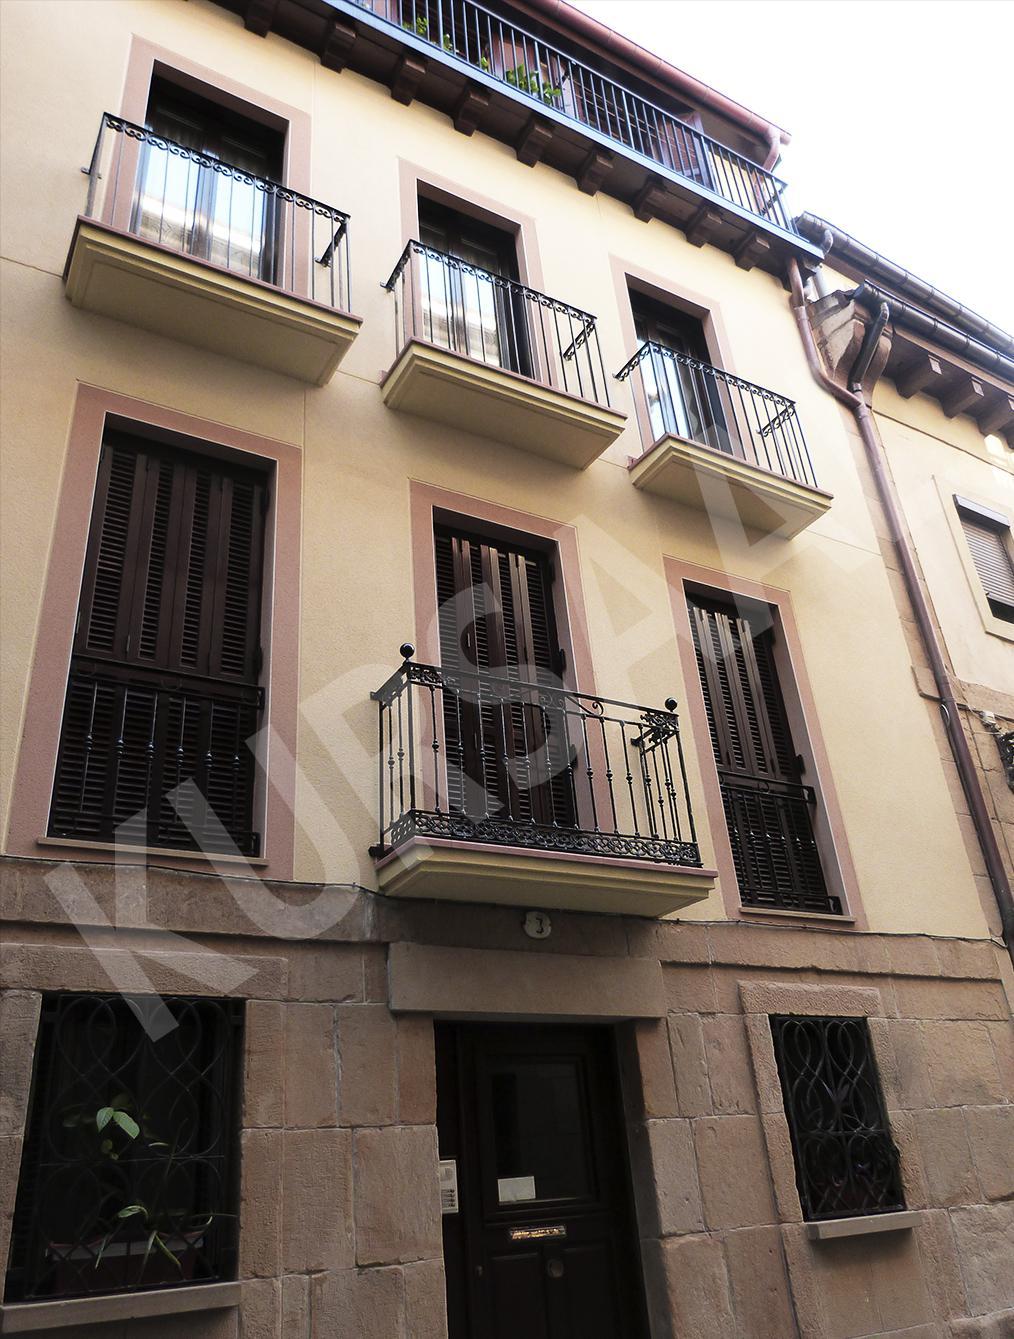 trabajo realizado en: Restauración y patrimonio-RESTAURACIÓN-DONOSTIA-Campanario 3